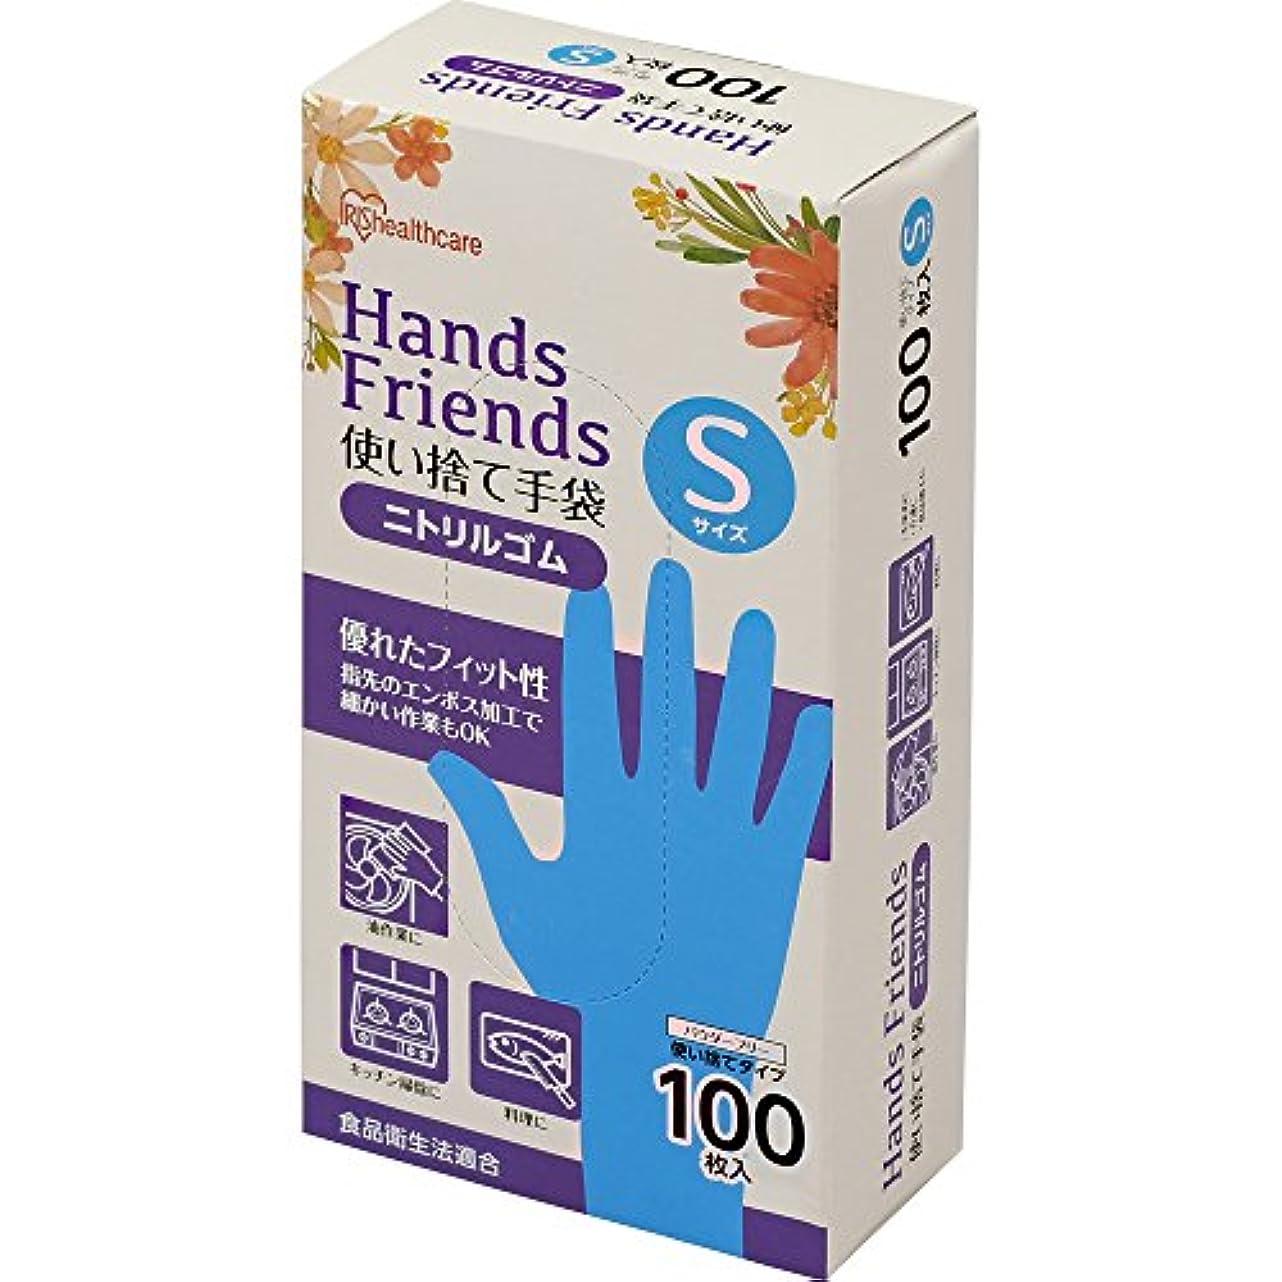 マーチャンダイジング問い合わせる極地使い捨て手袋 ブルー ニトリルゴム 100枚 Sサイズ NBR-100S